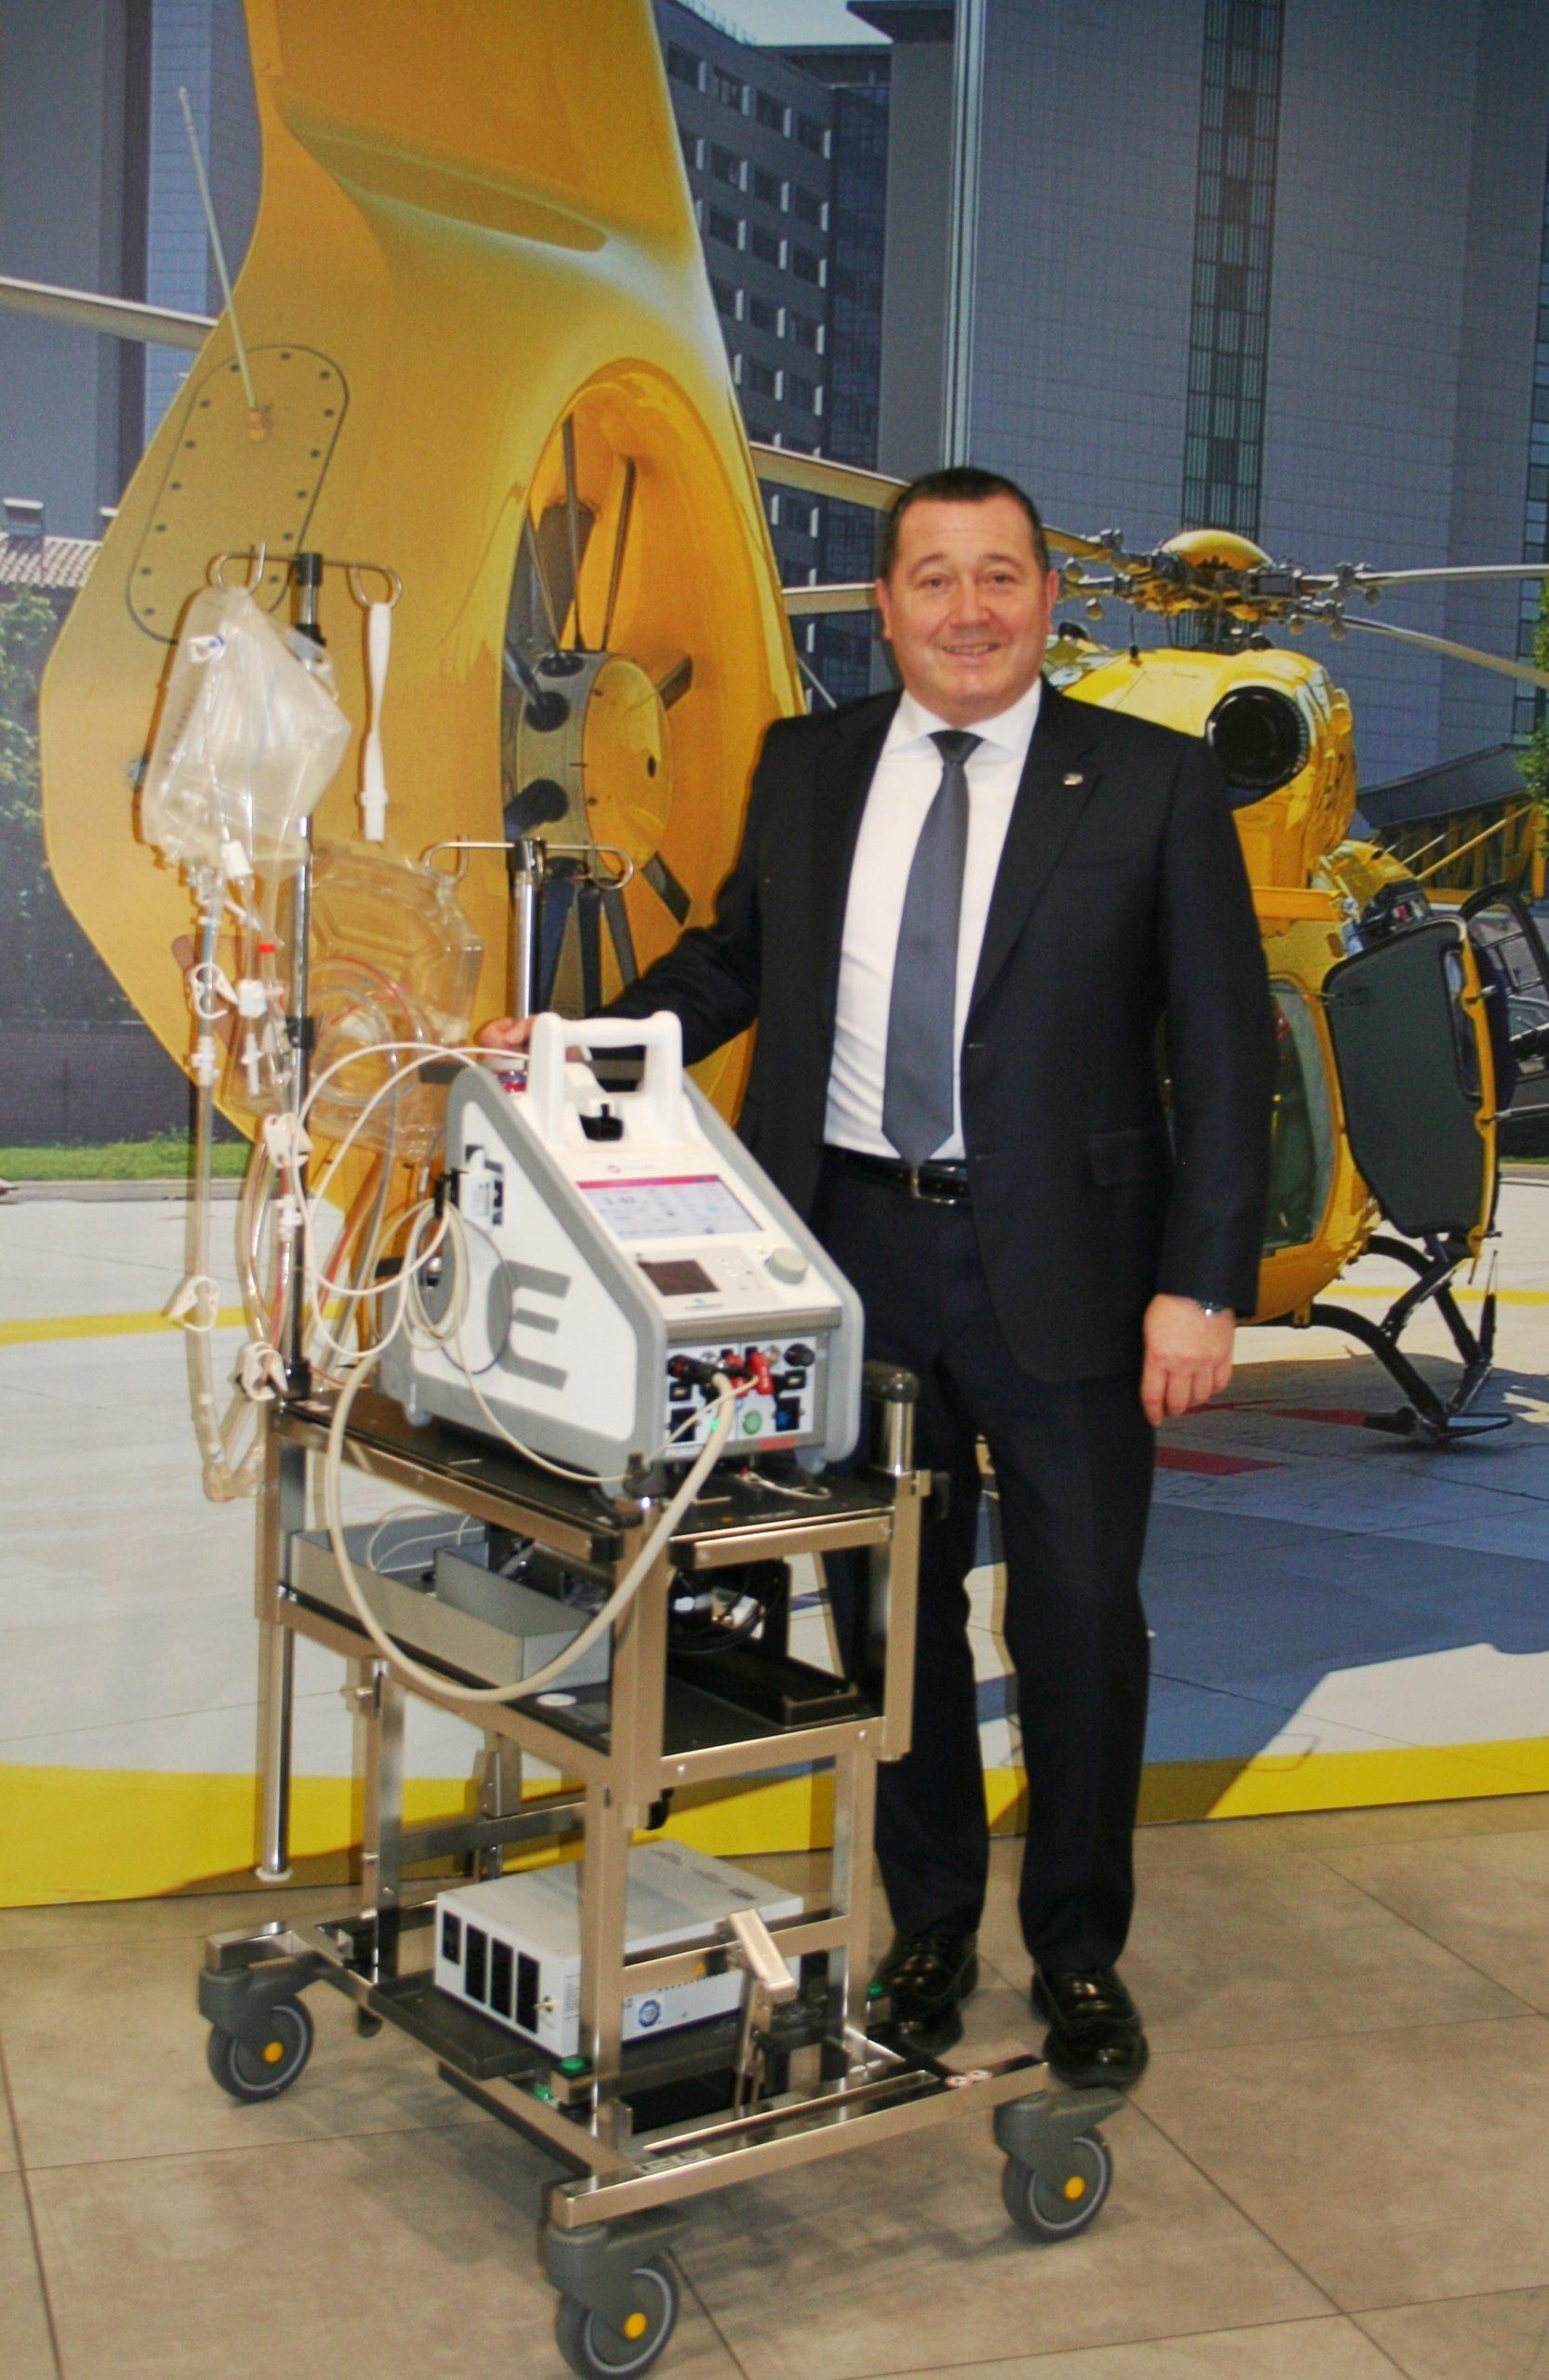 Primo utilizzo in ambulanza di sistema di supporto circolatorio extracorporeo su paziente in attesa di trapianto polmonare